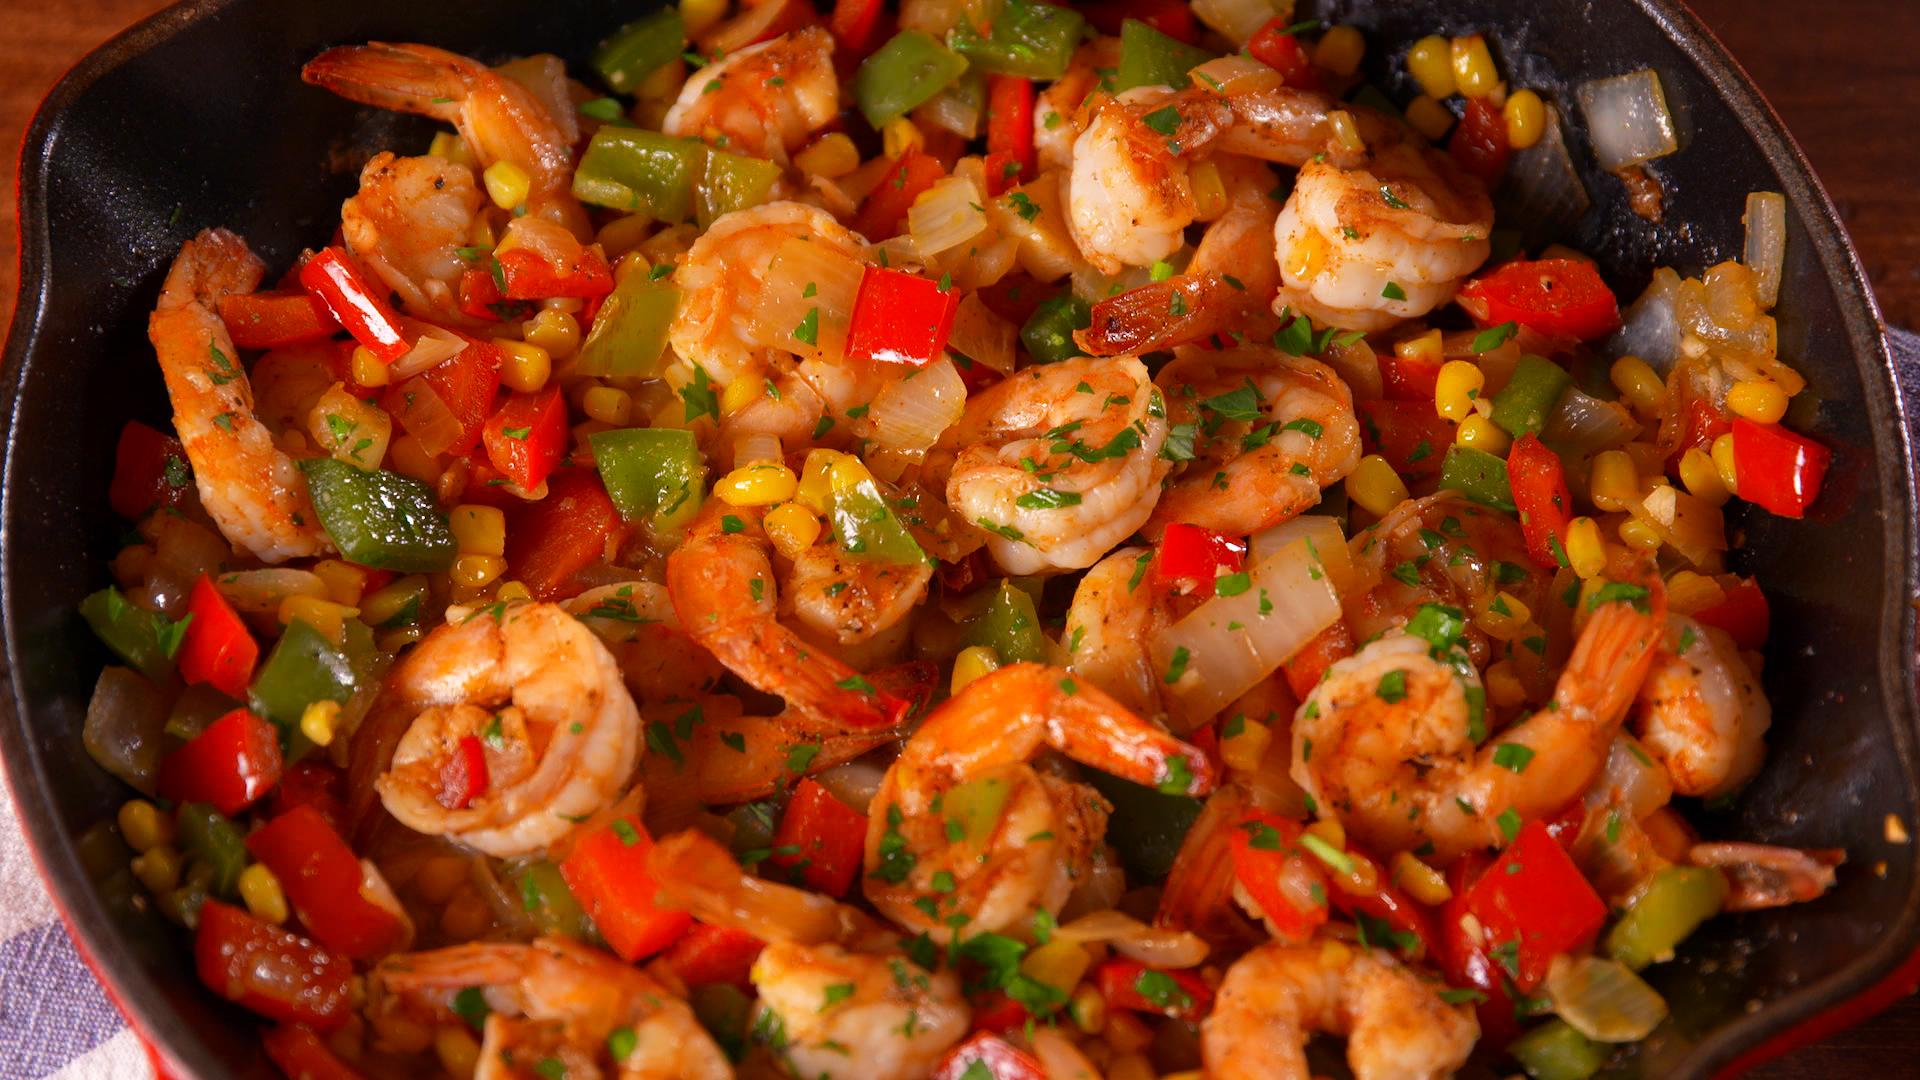 100+ Easy Shrimp Recipes - How to Cook Shrimp—Delish.com